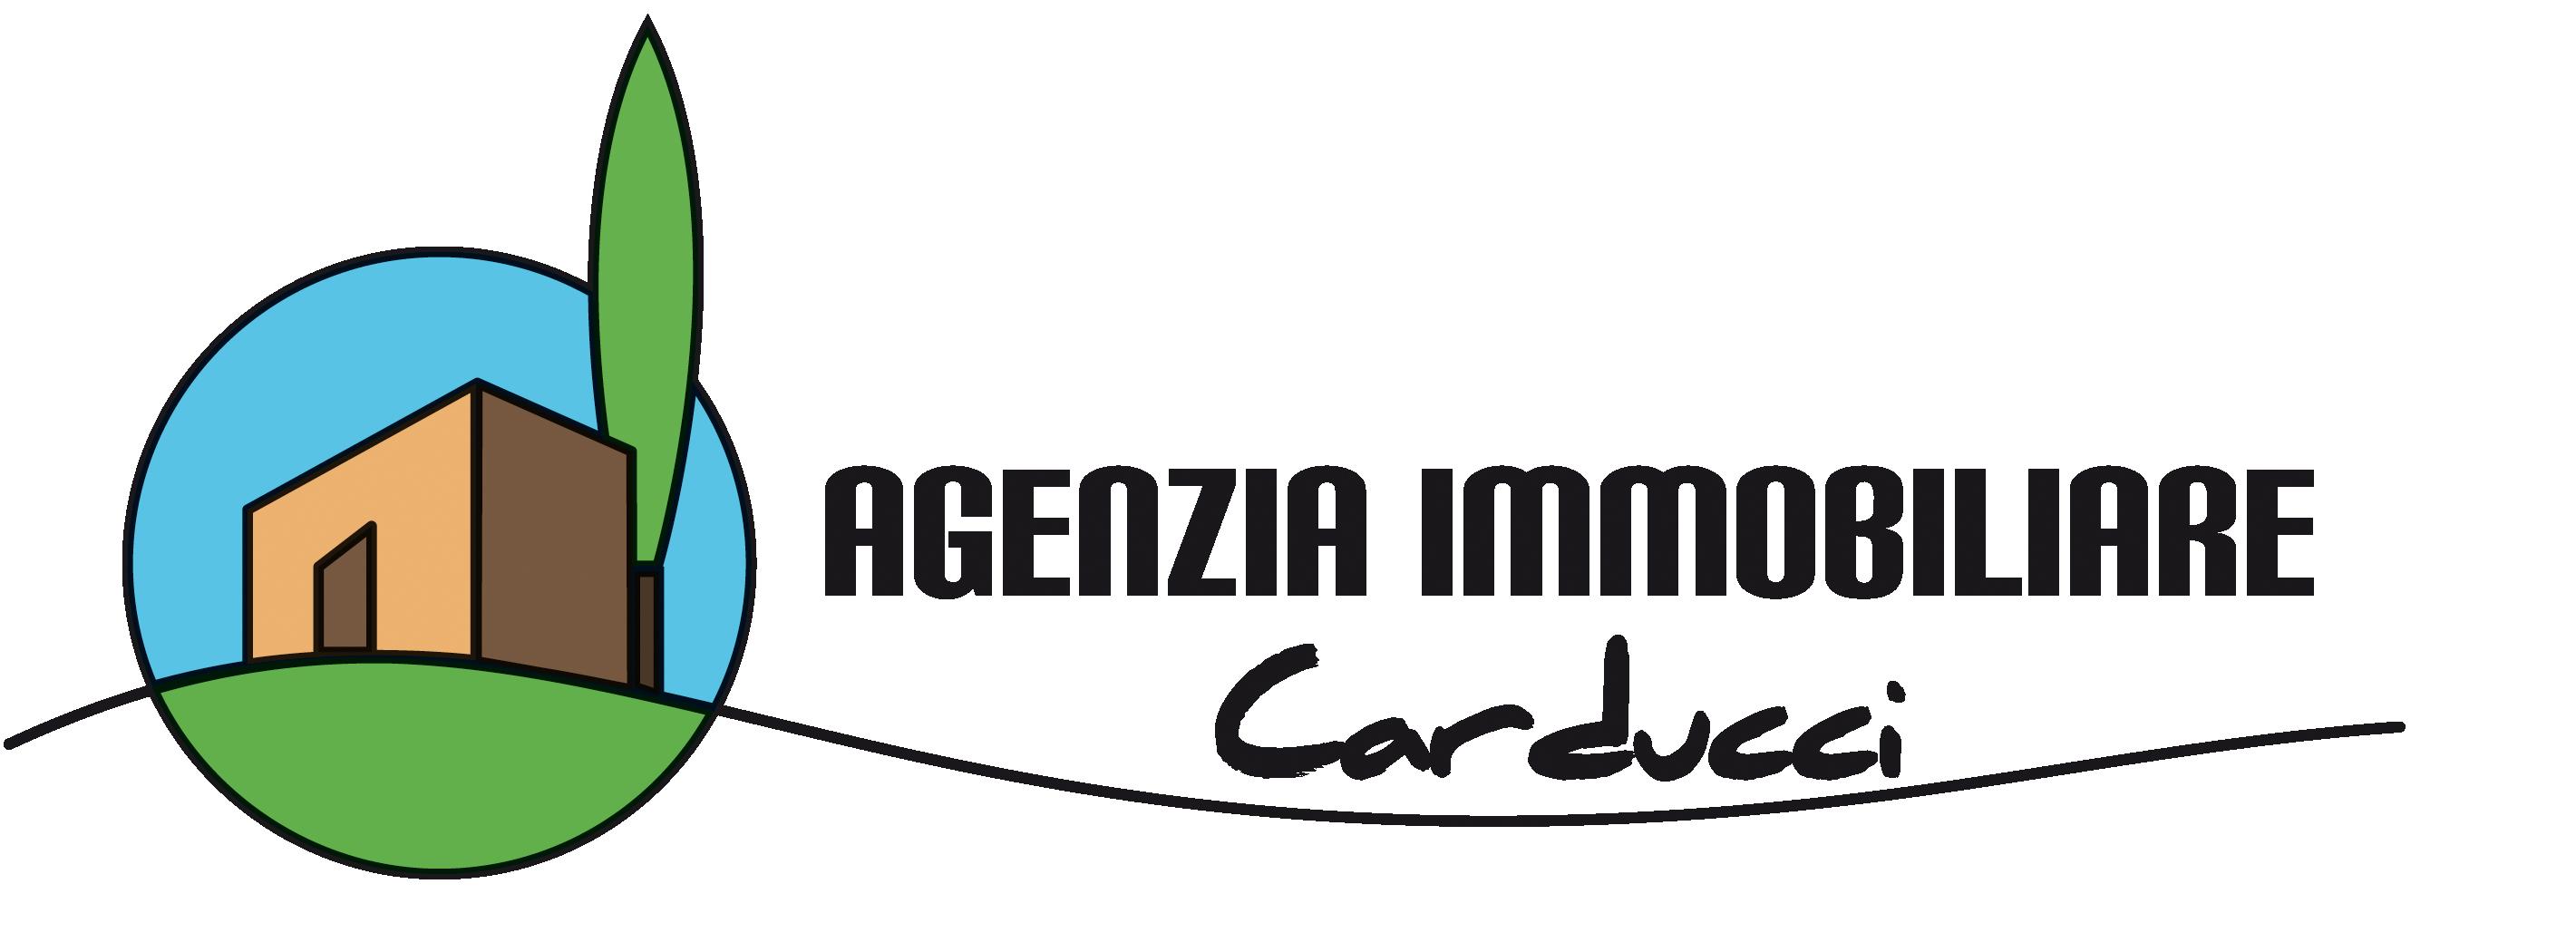 CARDUCCI Agenzia Immobiliare